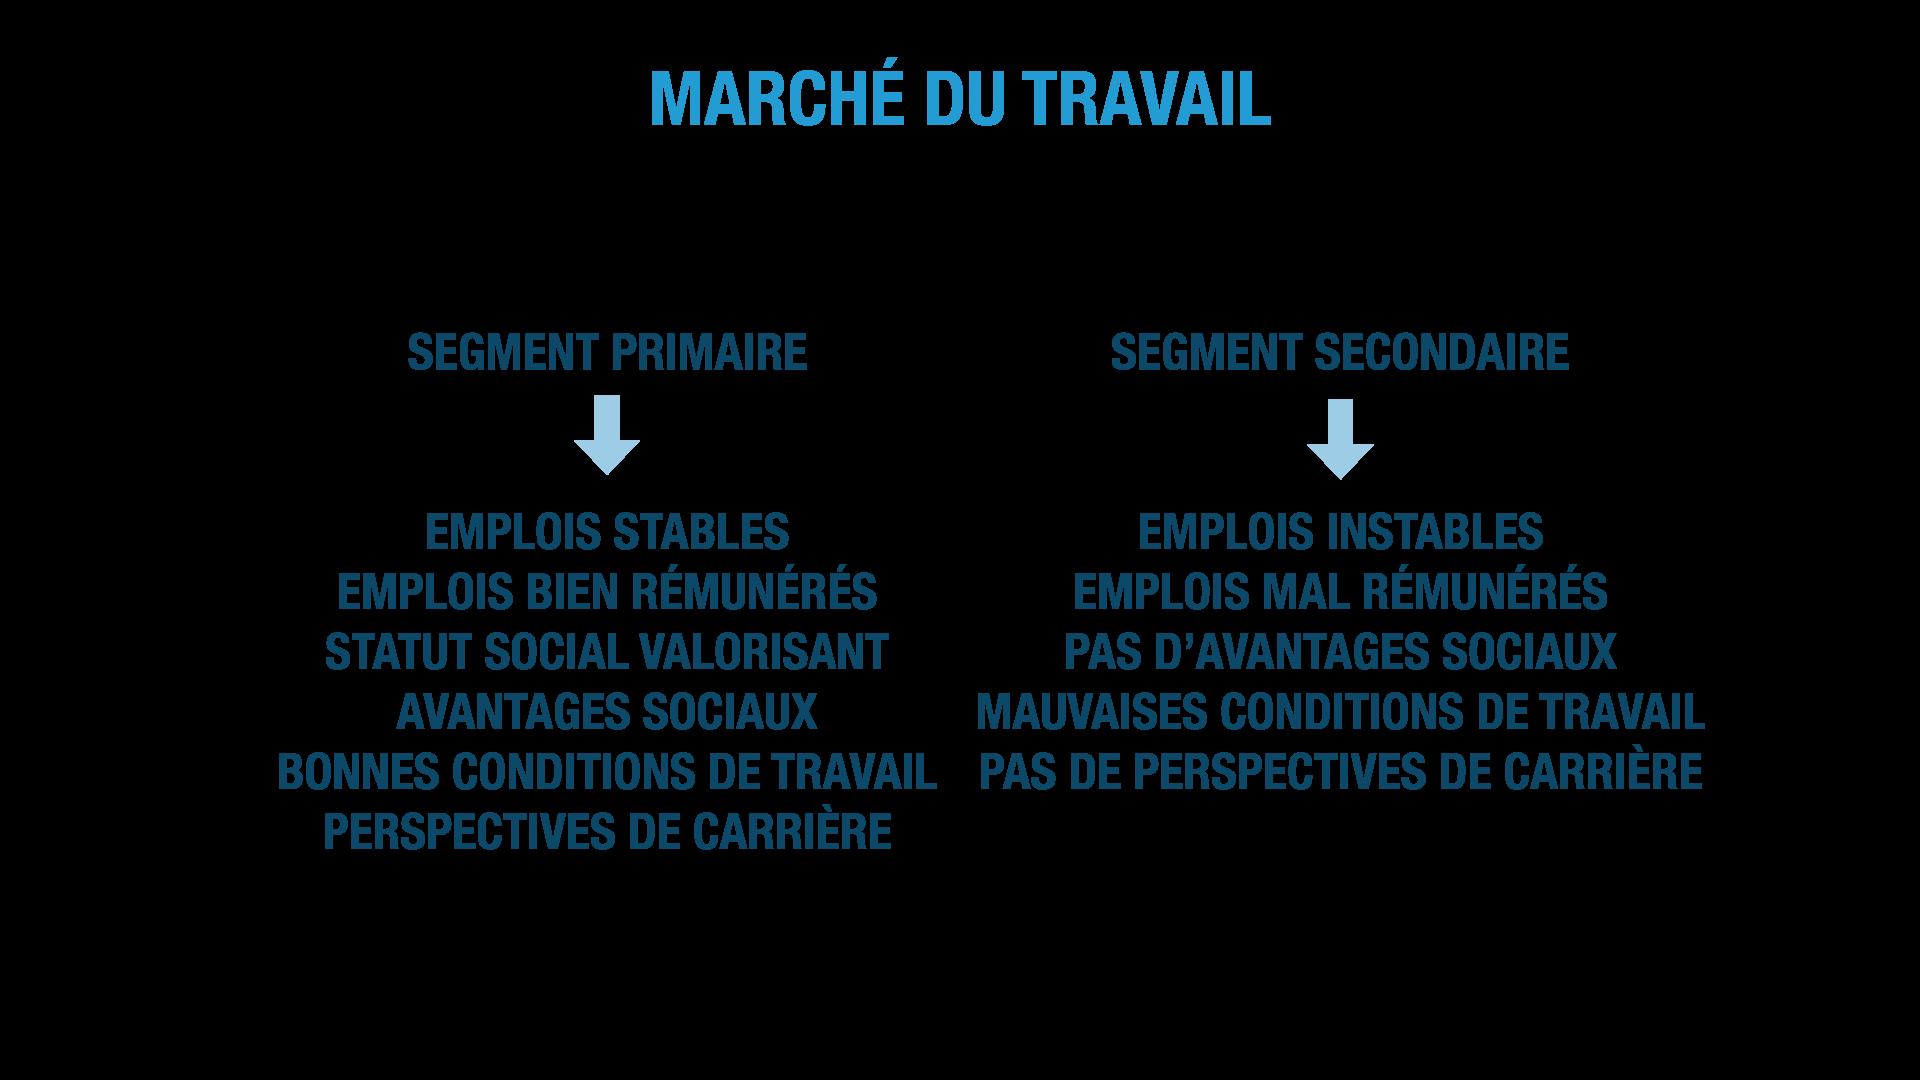 marché du travail segment primaire et secondaire ses terminale